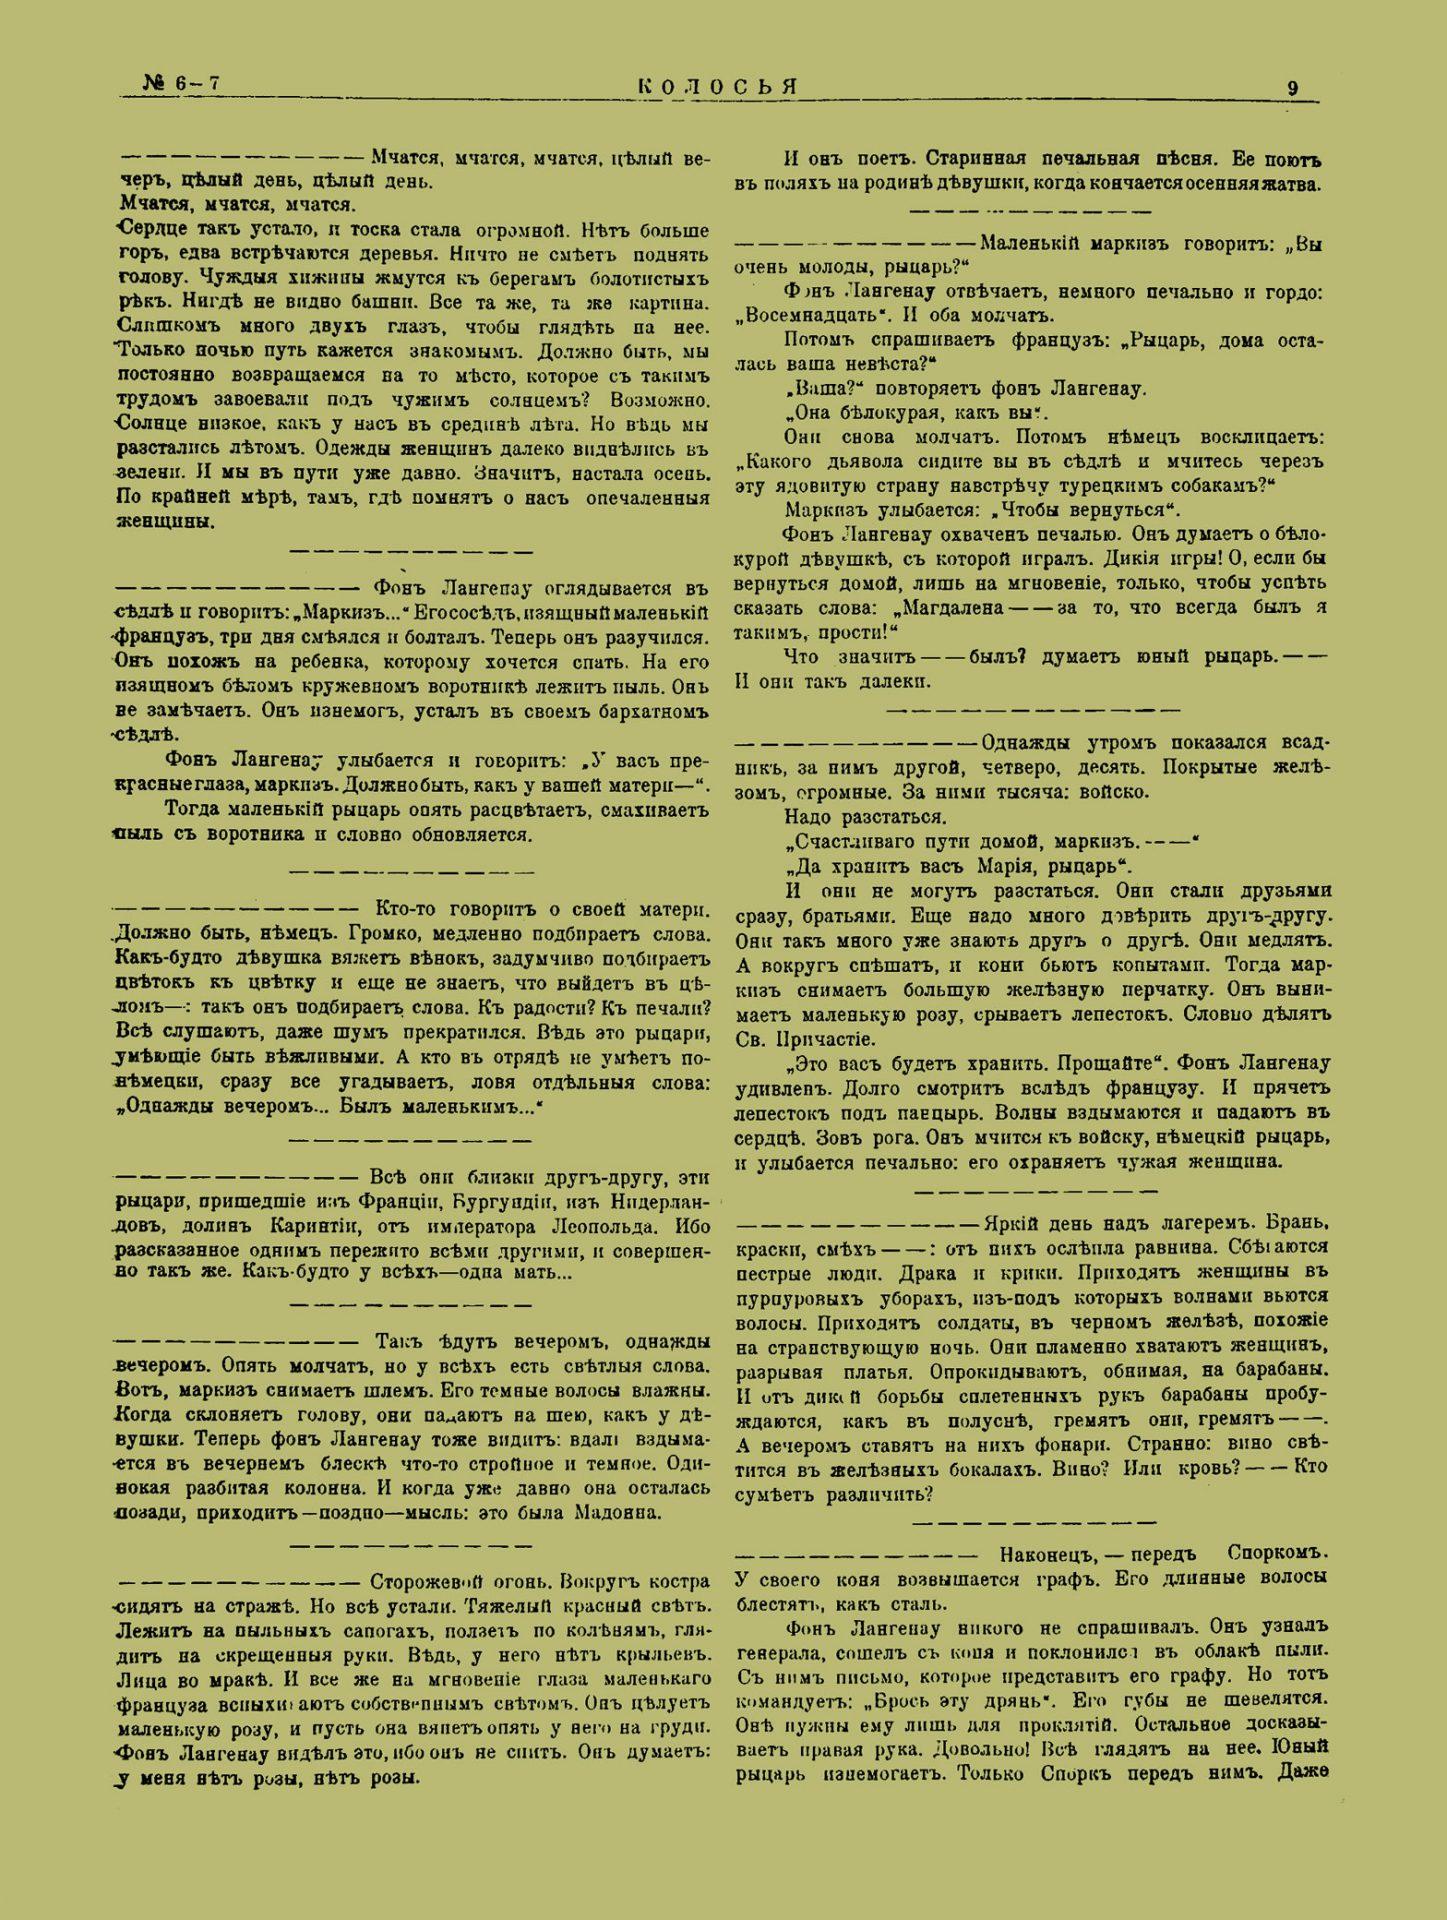 Колосья_1918_№6-7